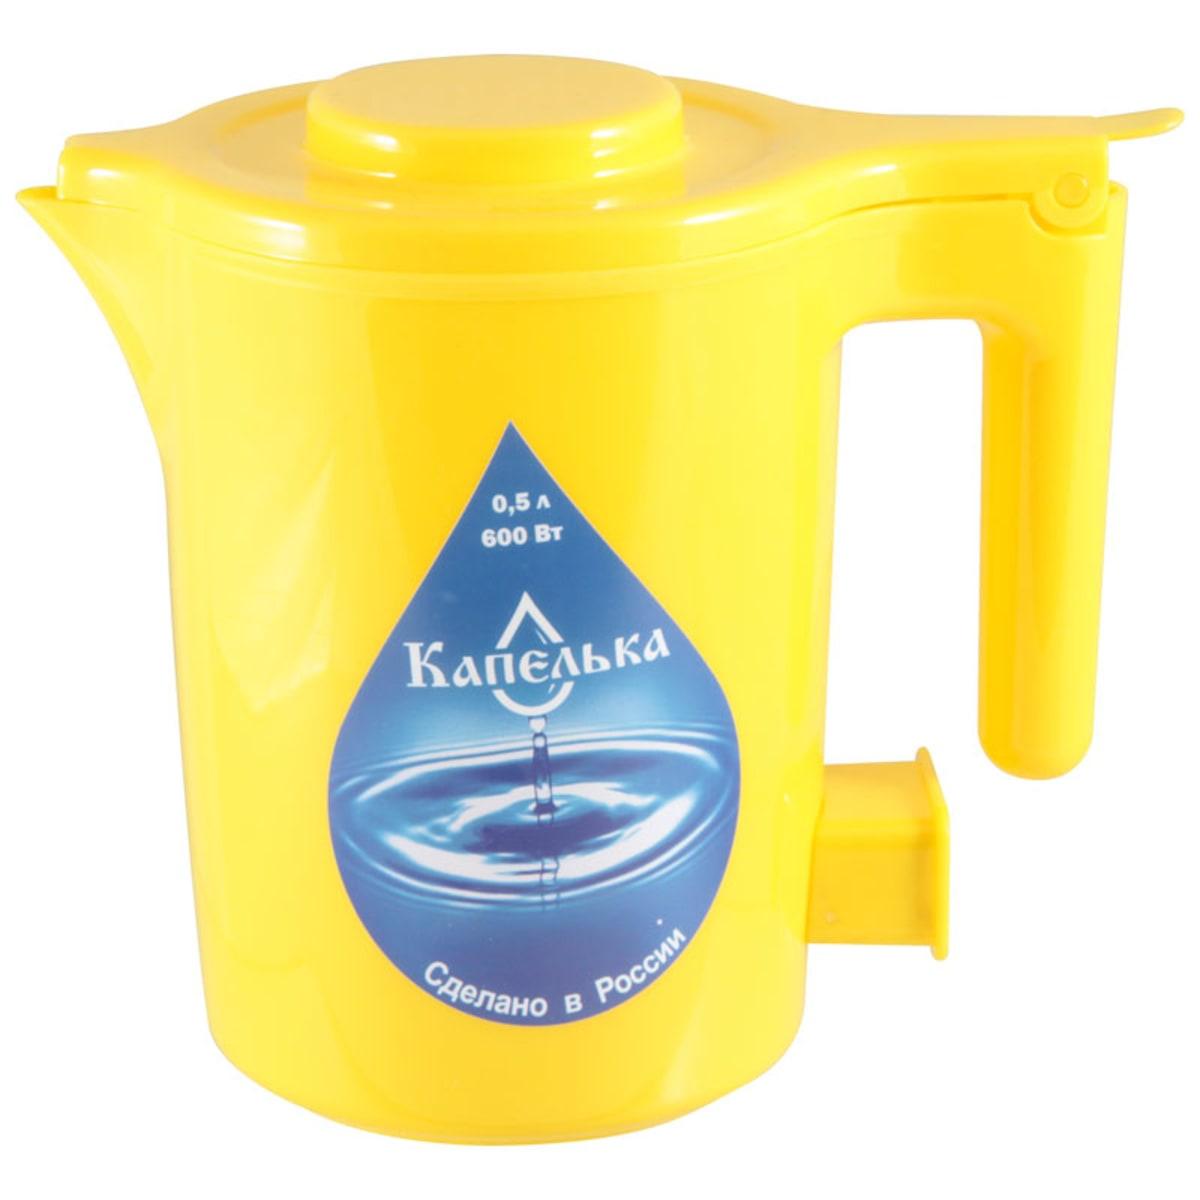 Чайник электрический Капелька Желтый 0,5л